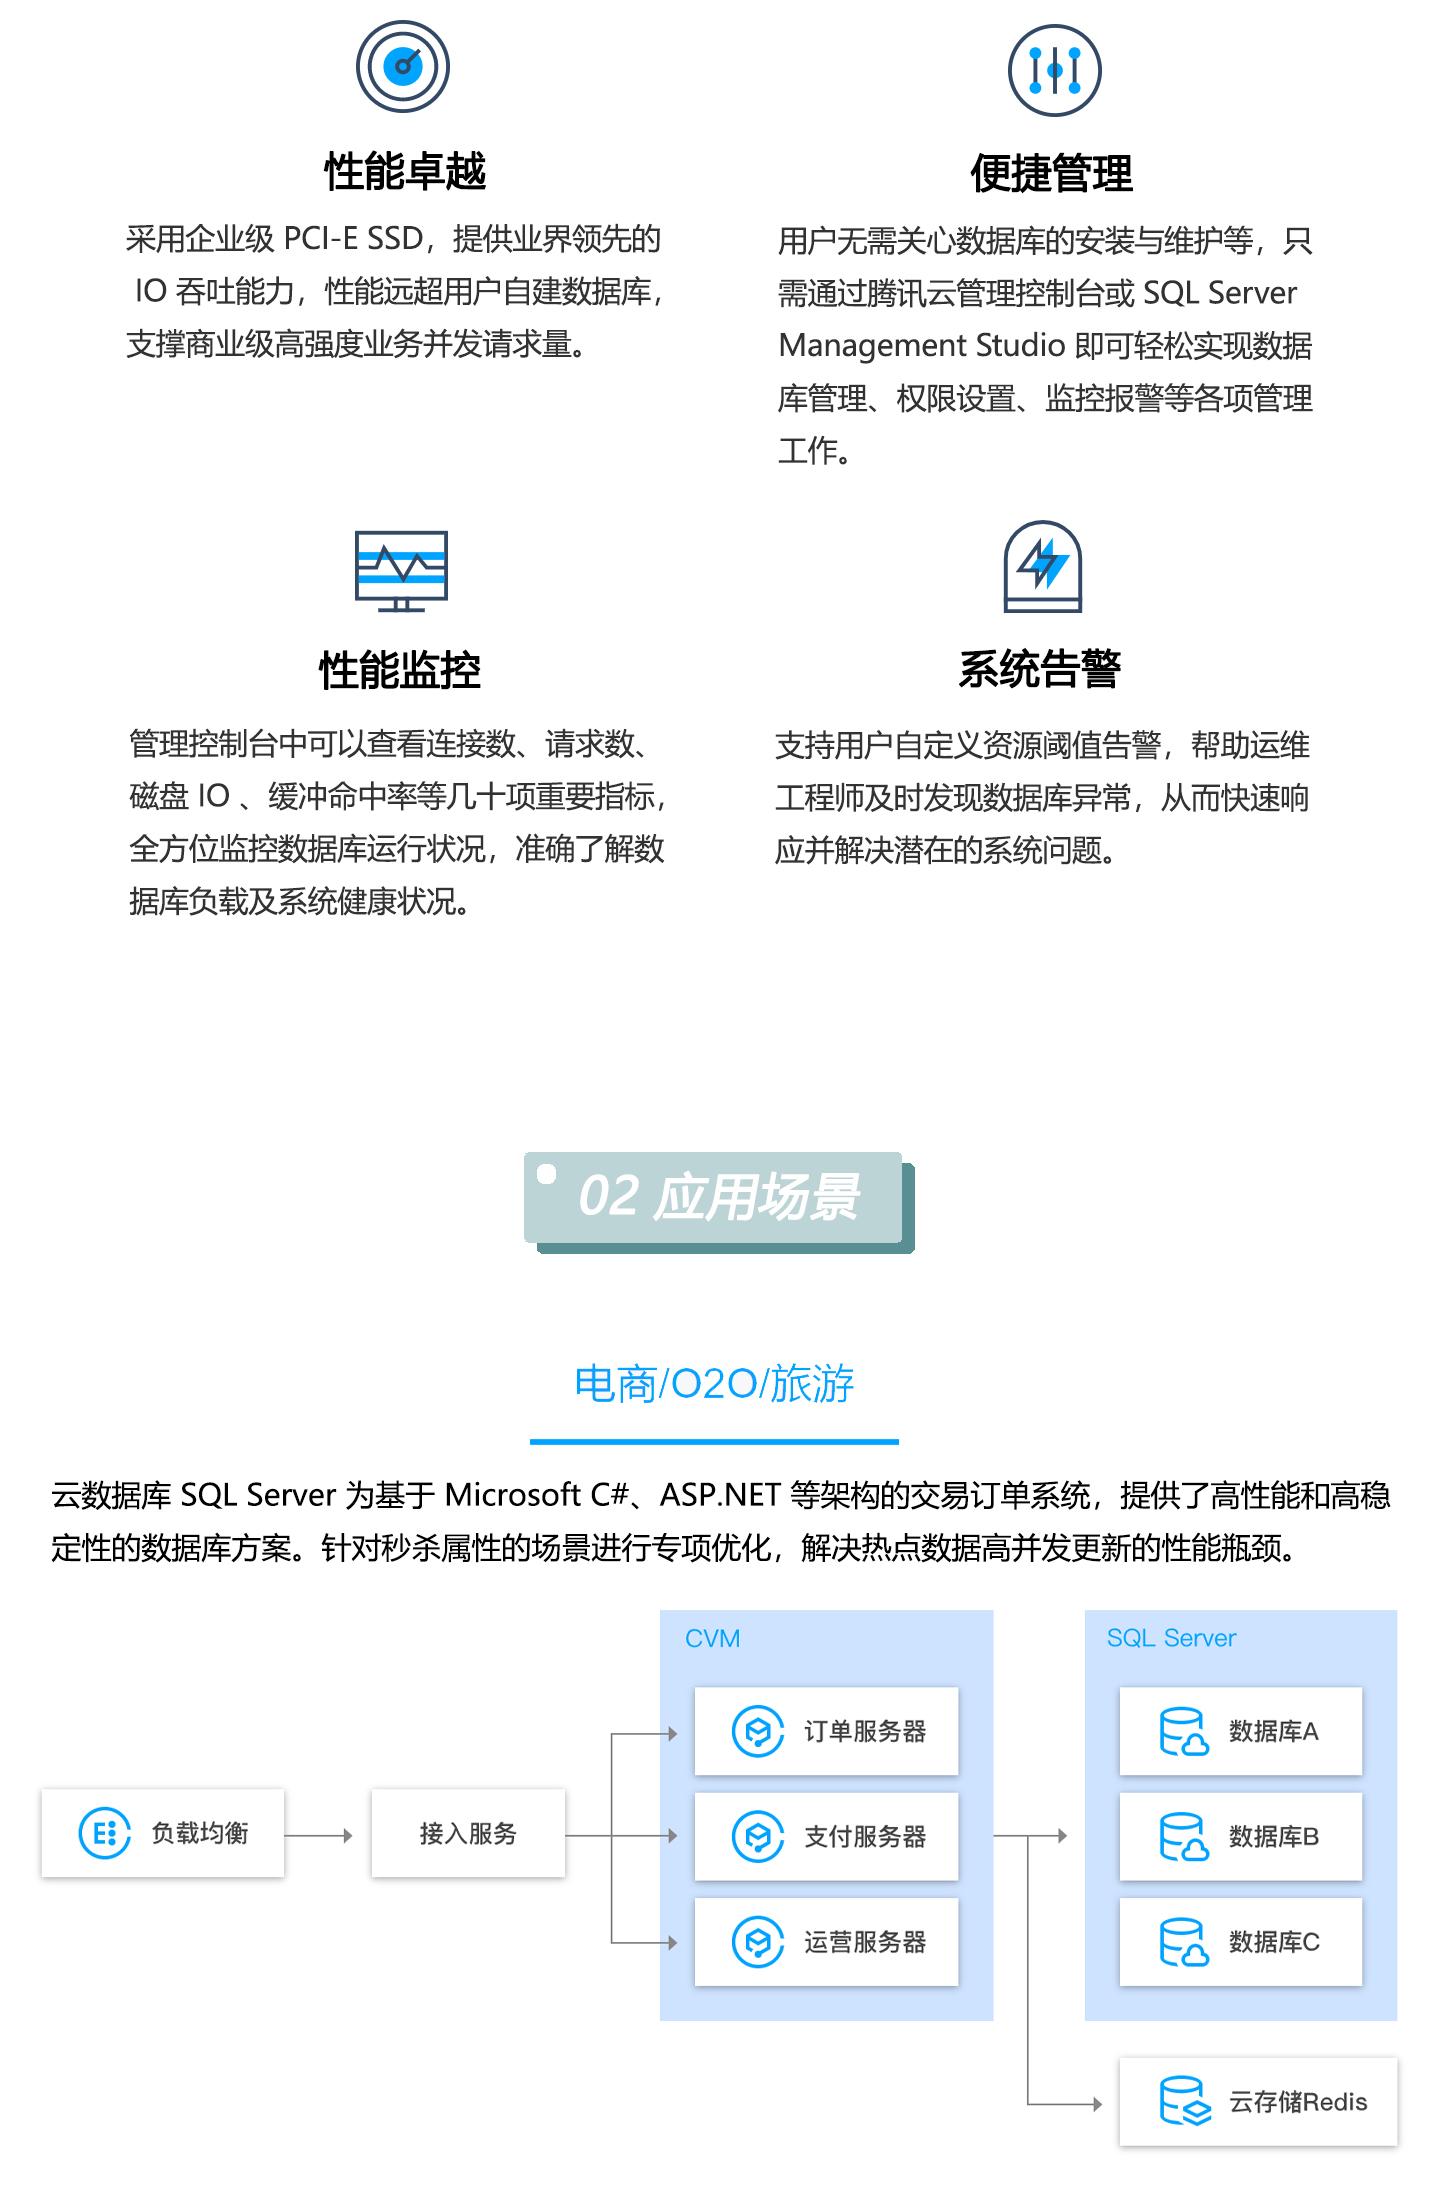 云数据库-TencentDB-for-SQL-Server-1440_02.jpg